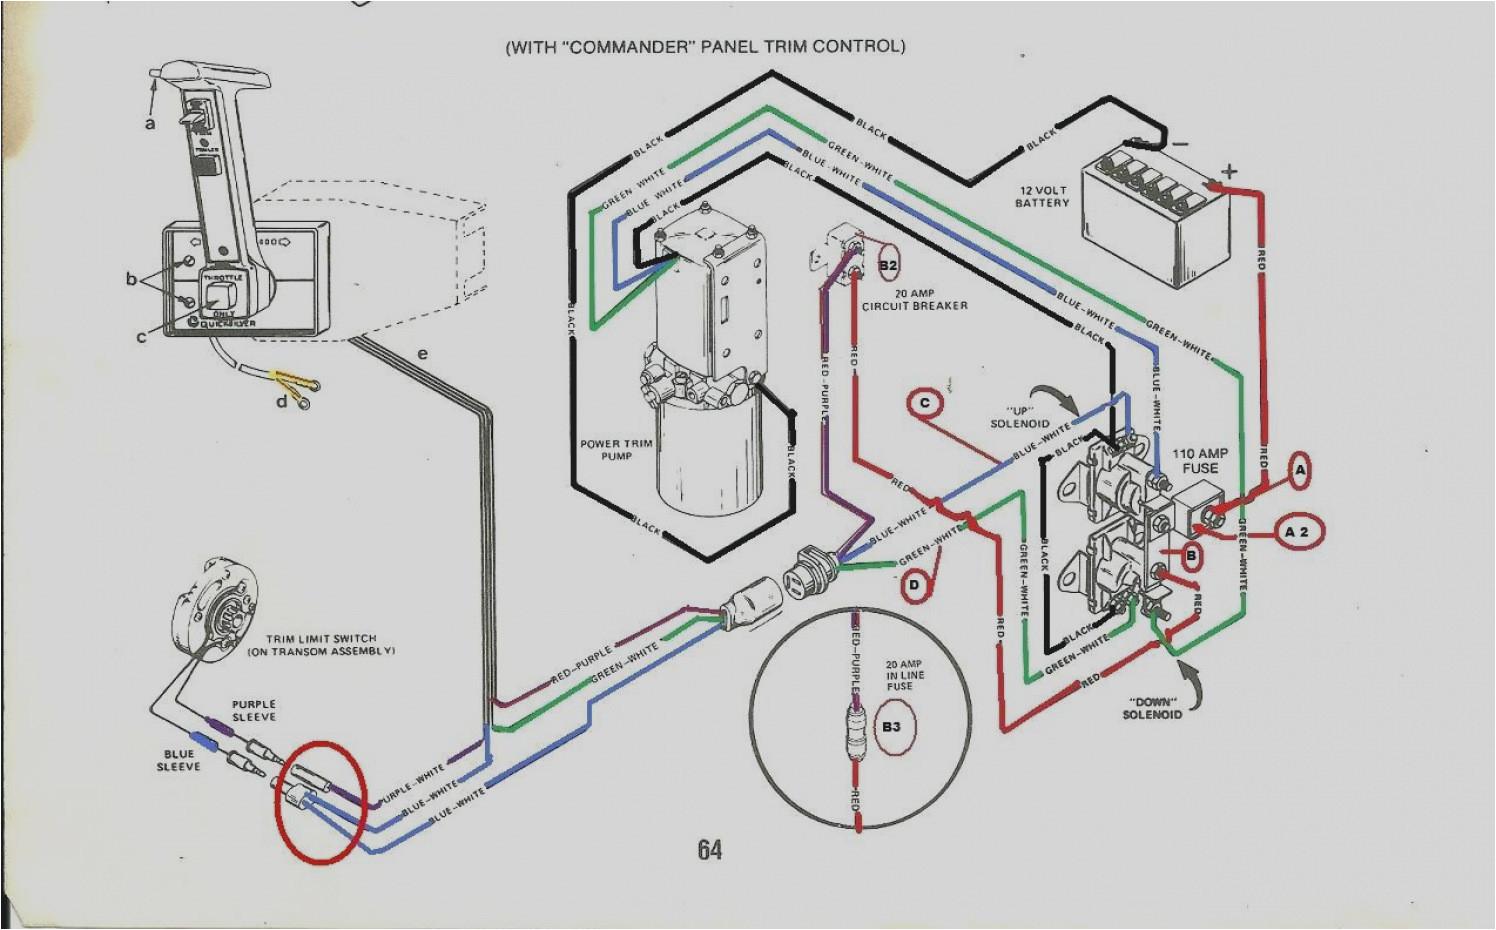 2000 ez go wiring diagram 36 volt wiring diagram name 1999 ezgo 36 volt wiring diagram